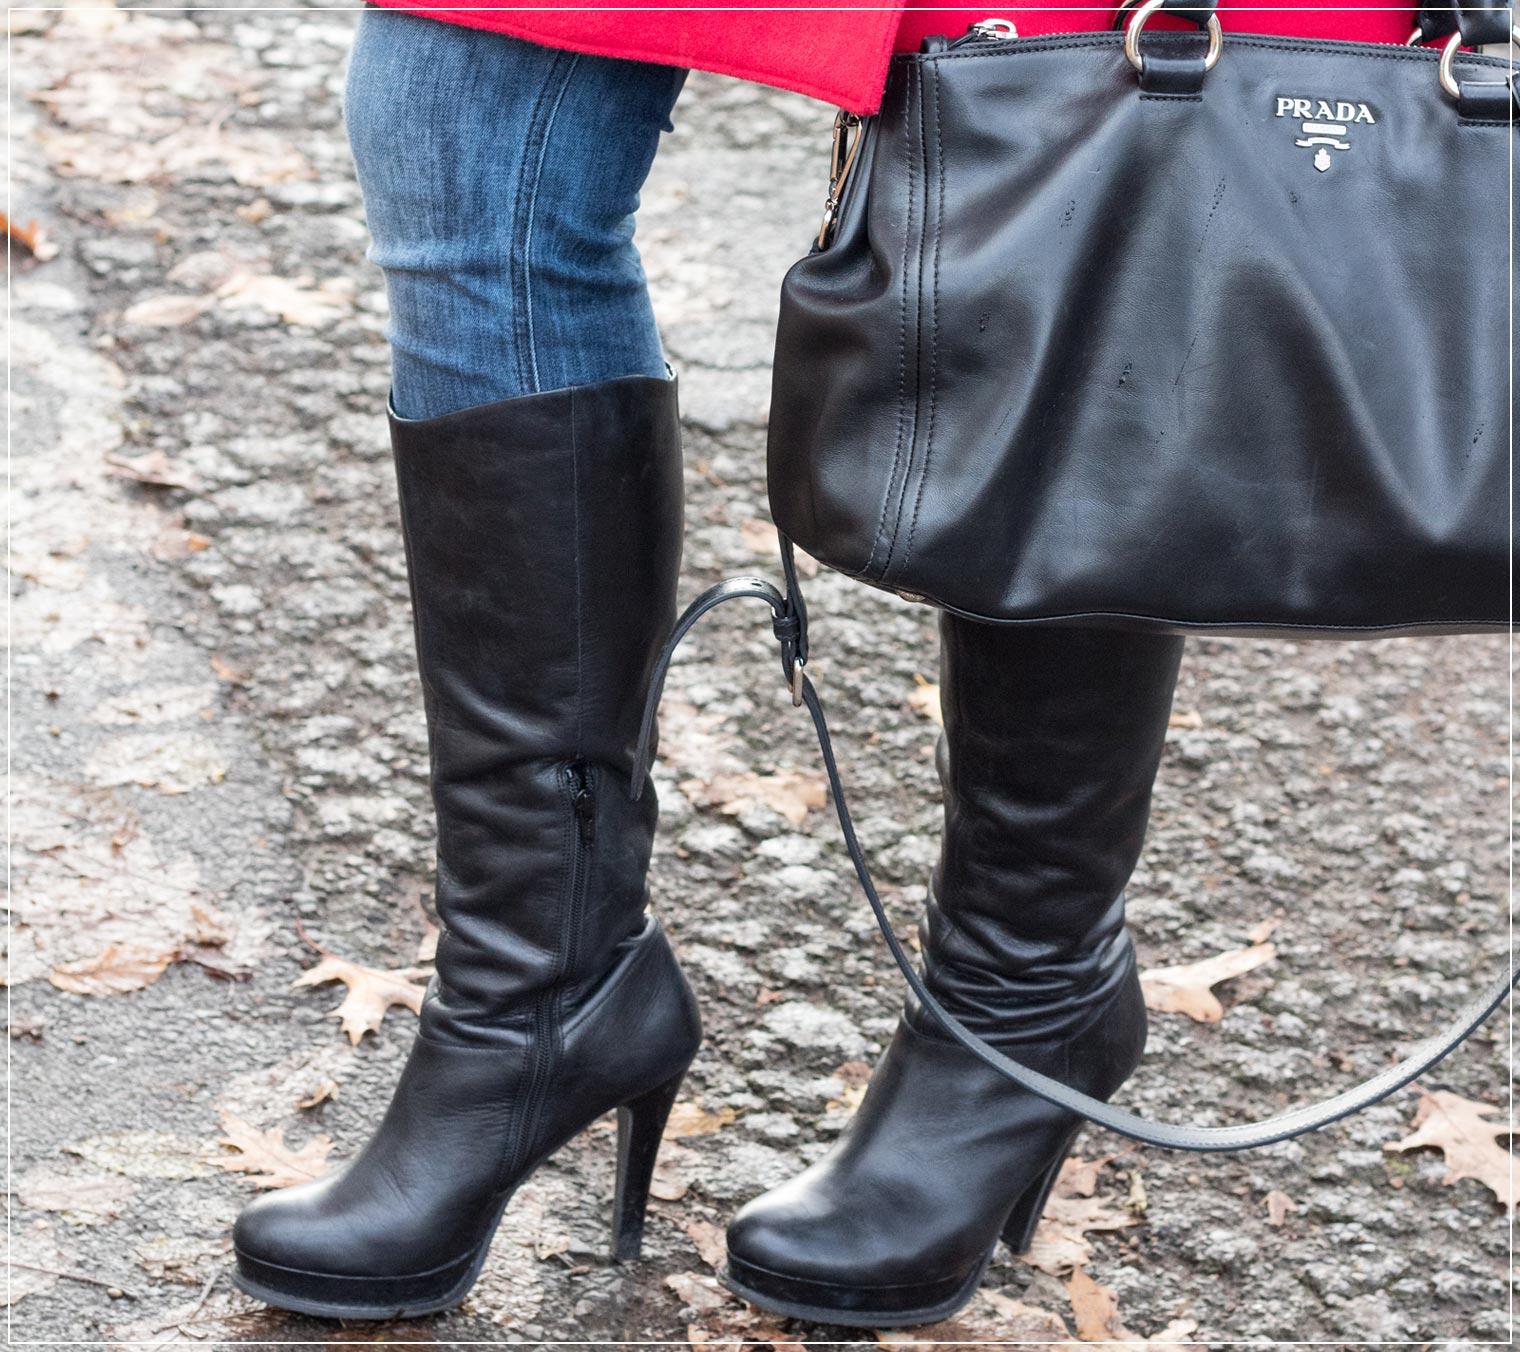 Klassische Stiefel zum Wintergewand